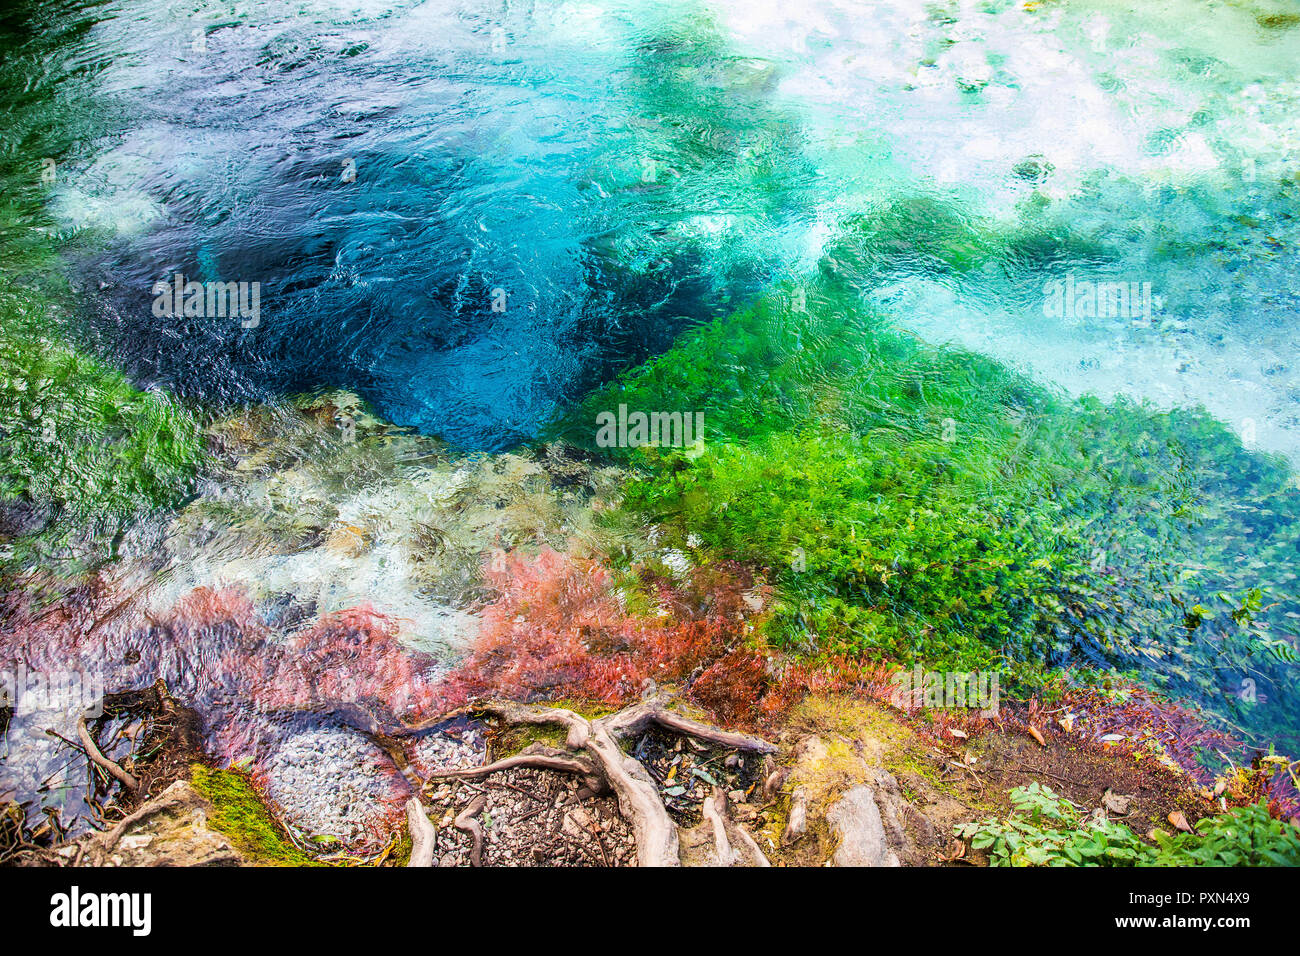 The Blue Eye - Syri i Kaltër, water spring near Muzinë in Vlorë County, southern Albania, Europe - Stock Image